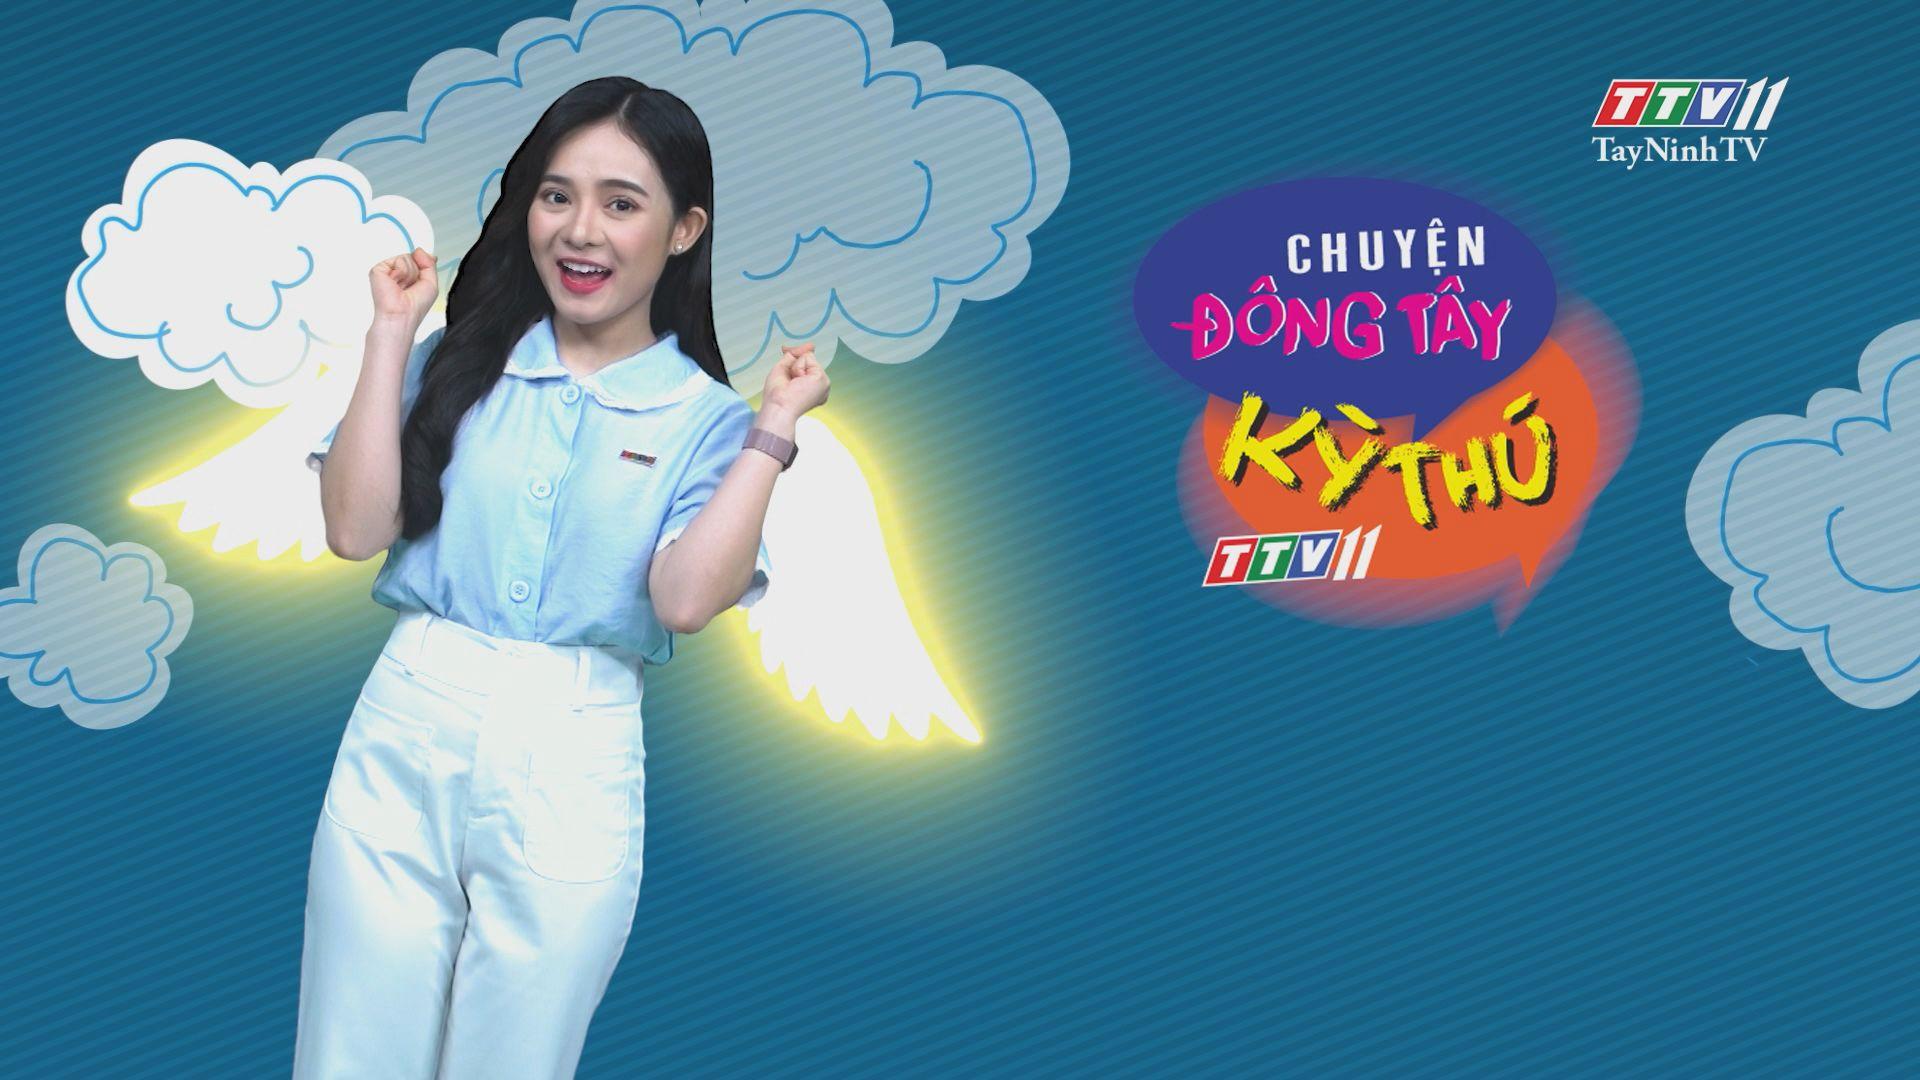 Chuyện Đông Tây Kỳ Thú 07-7-2020 | TayNinhTV